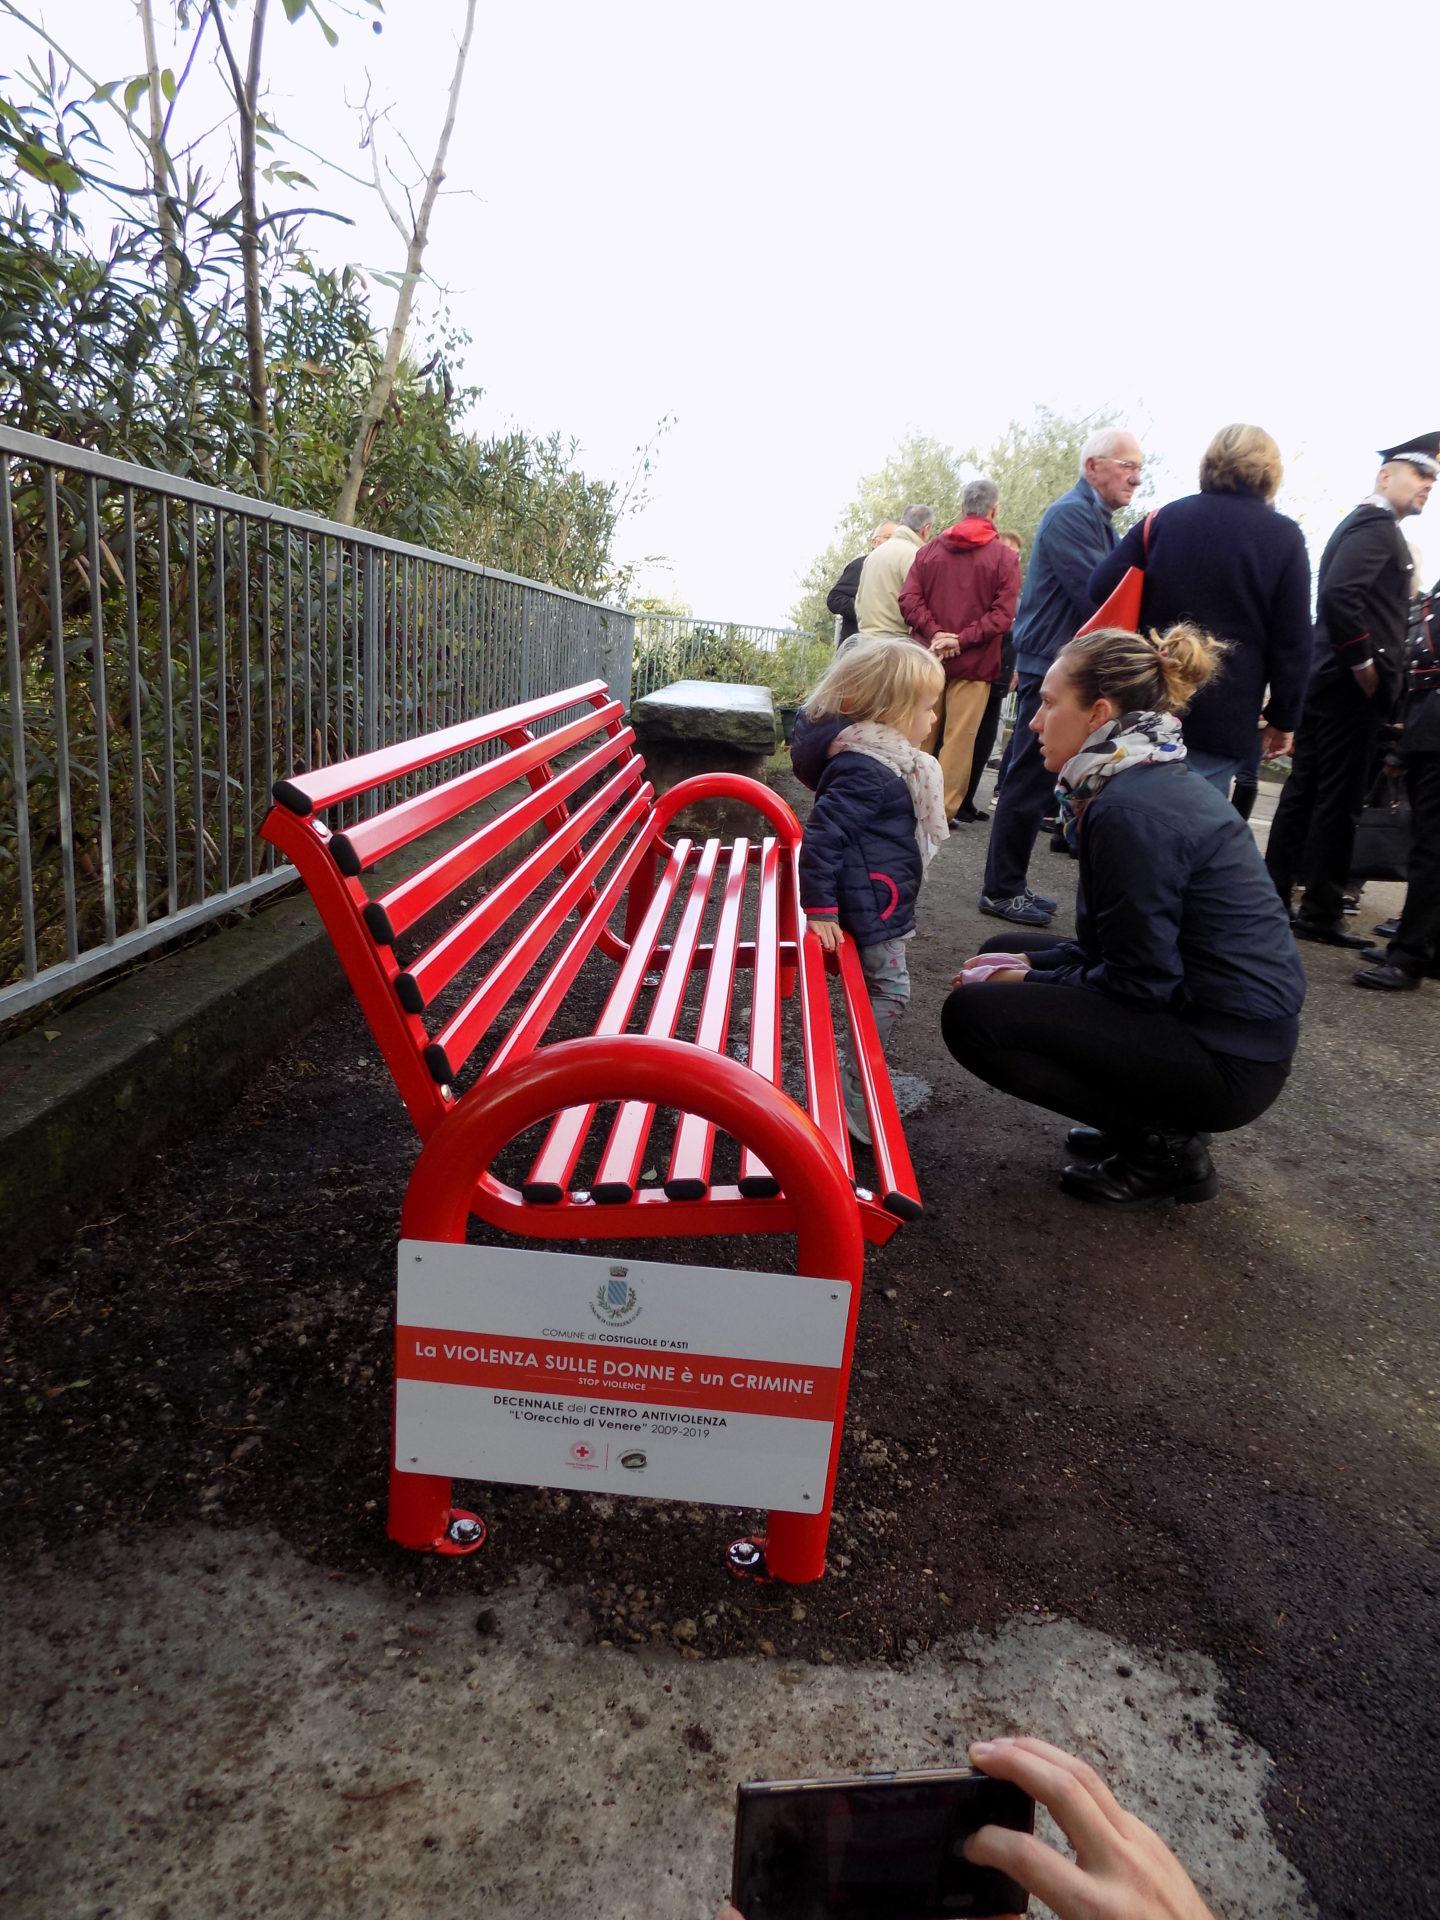 La Pietra Srl Asti panchina rossa per ricordare elena e le altre donne vittime